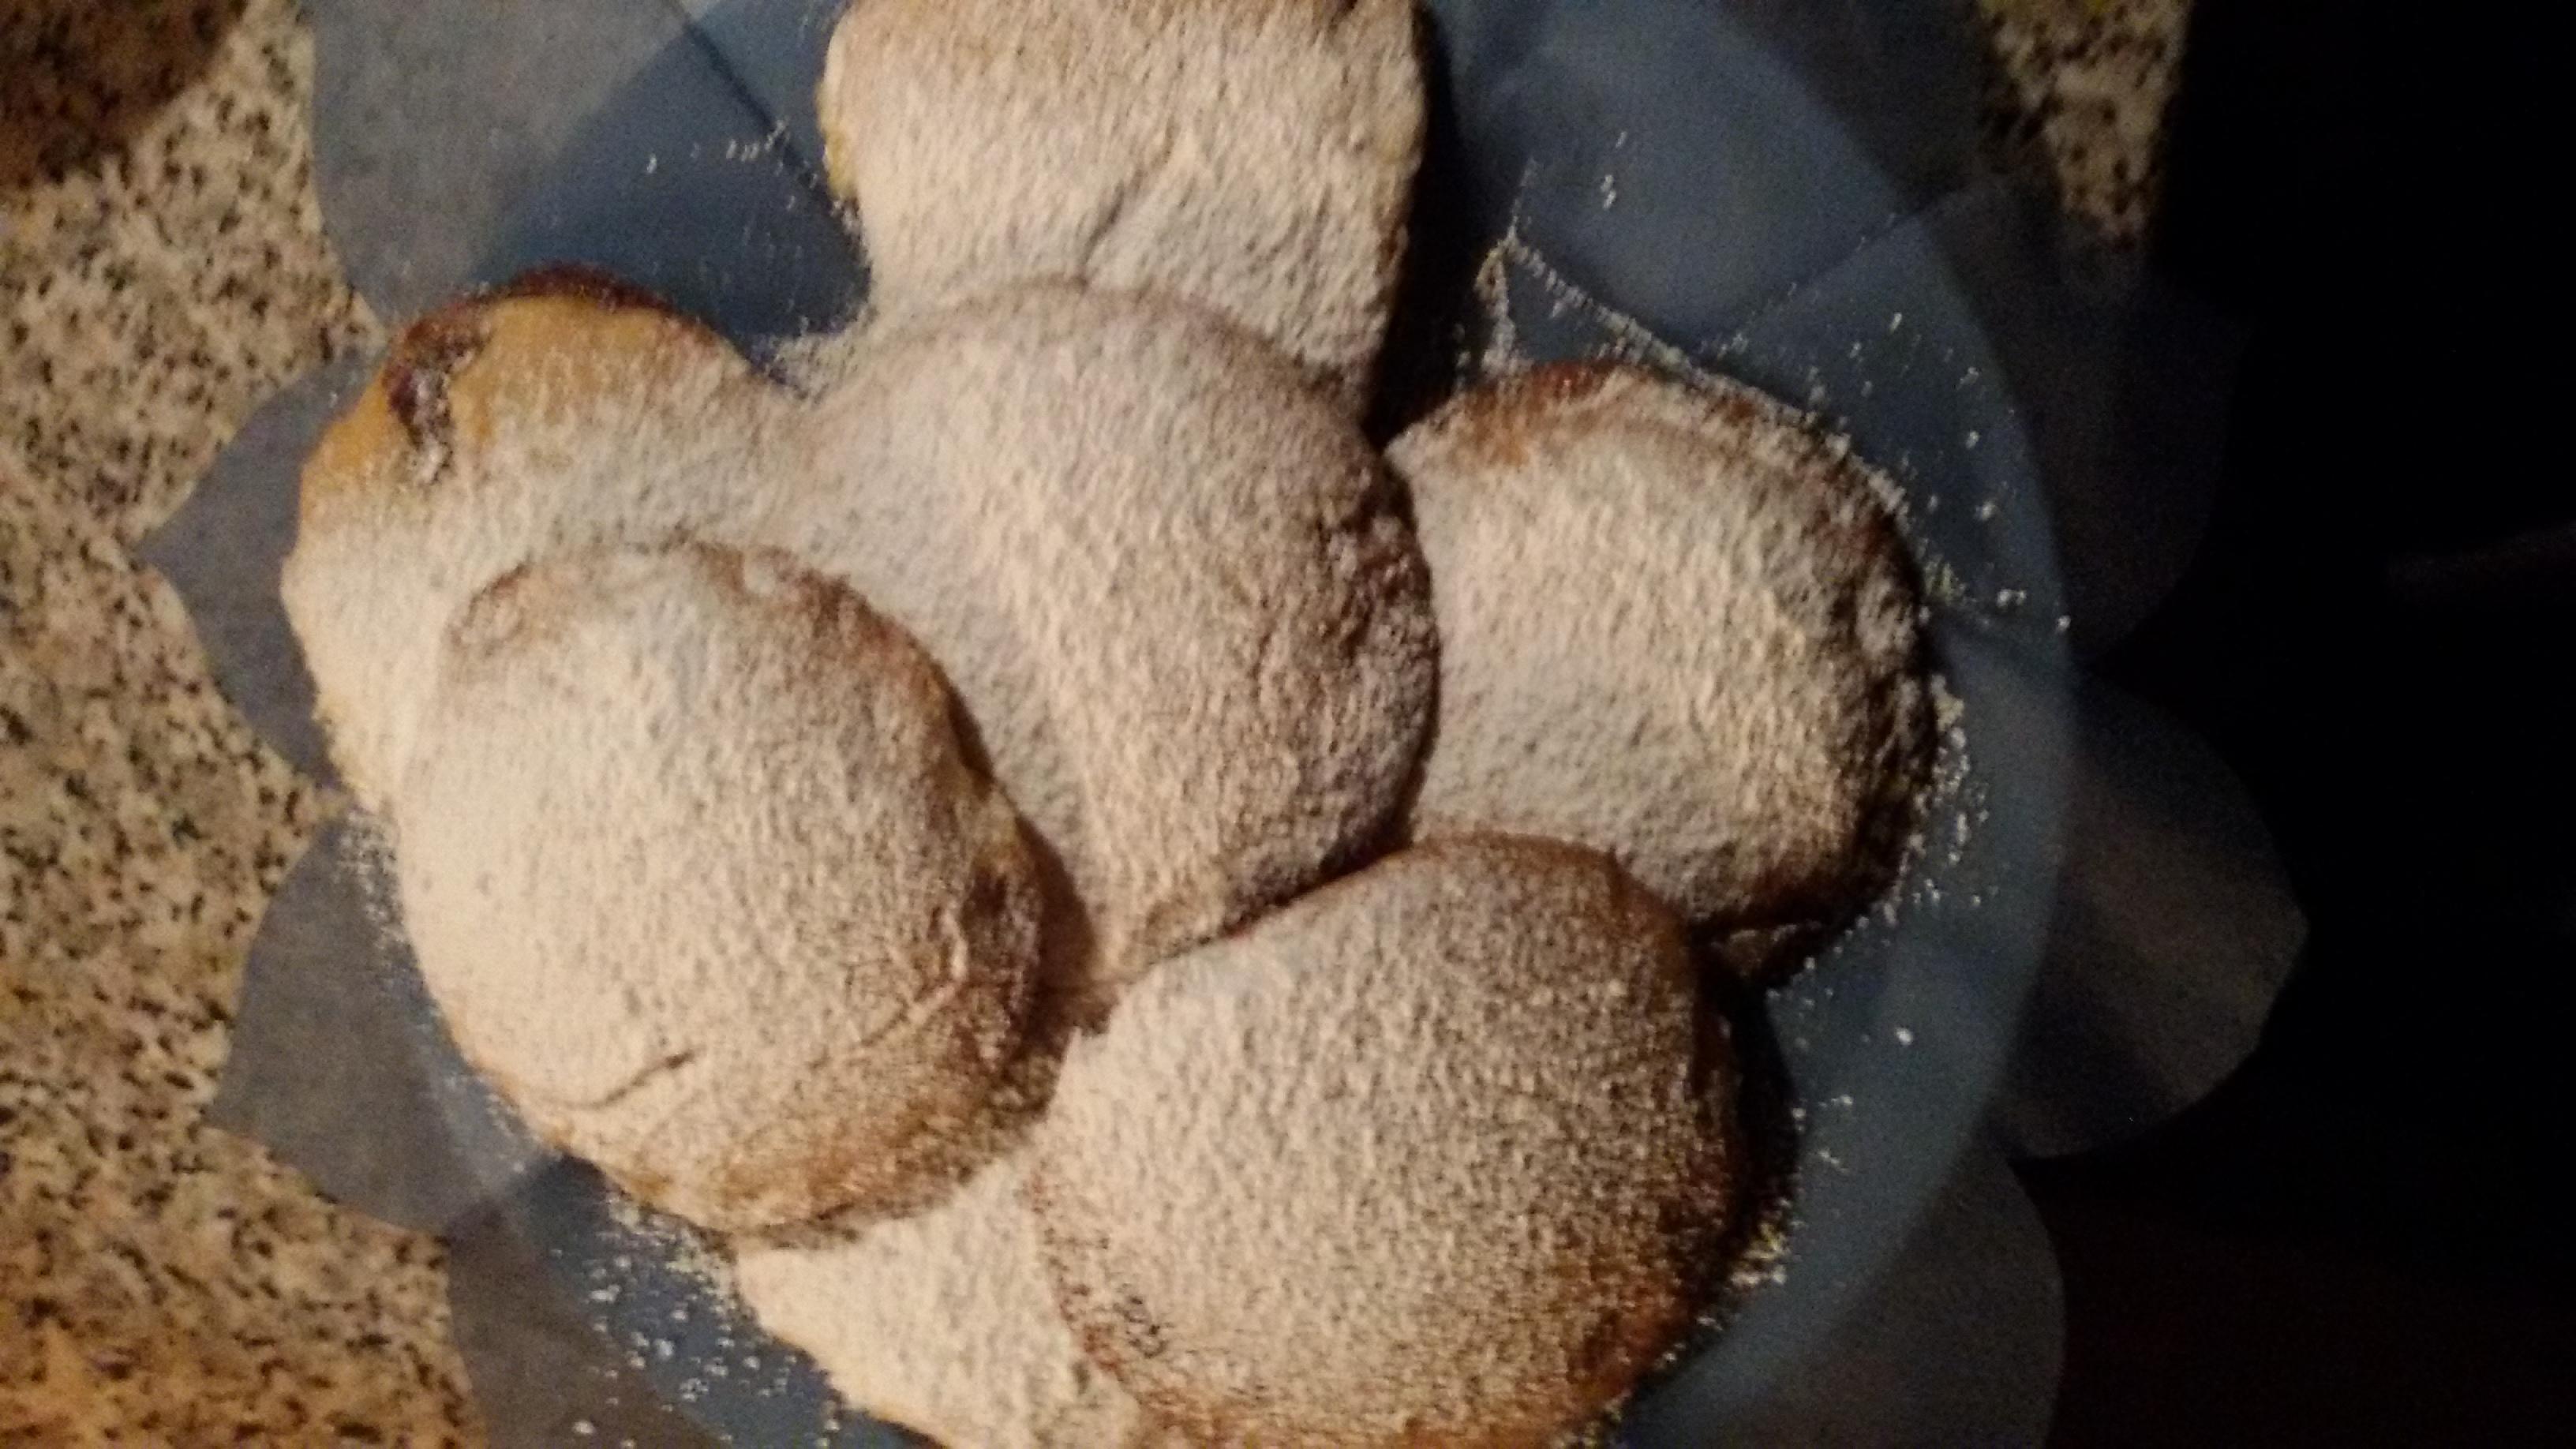 fagottoni di pasta frolla senza burro  ripieni di crema alla Nutella banana e cannella